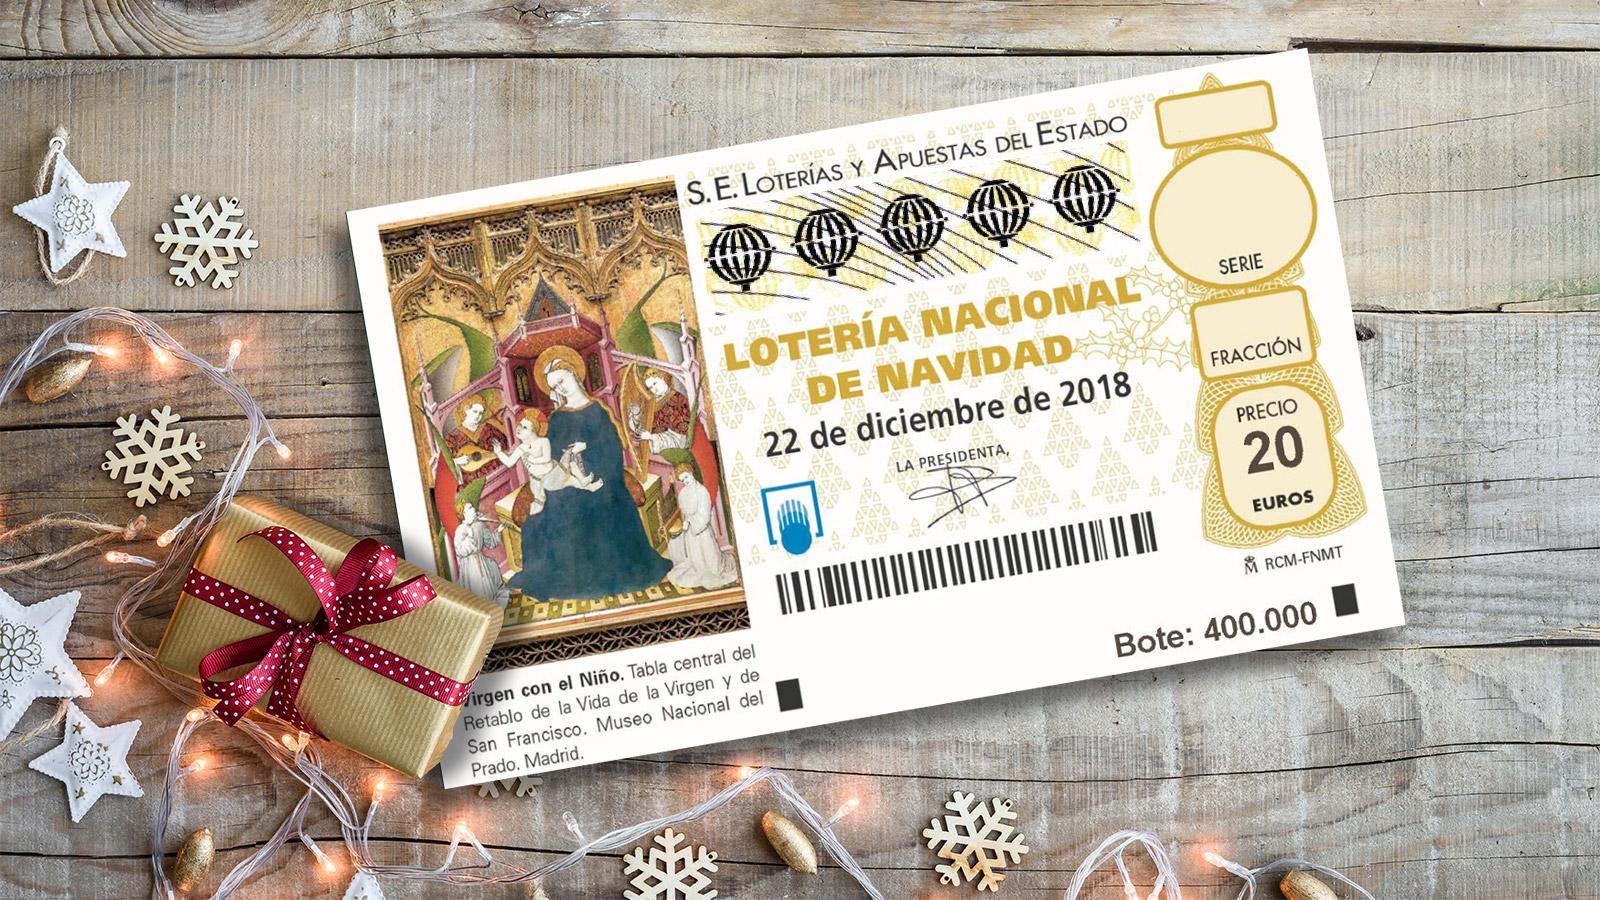 Imagenes Loteria Navidad.Loteria De Navidad Y Si Toca